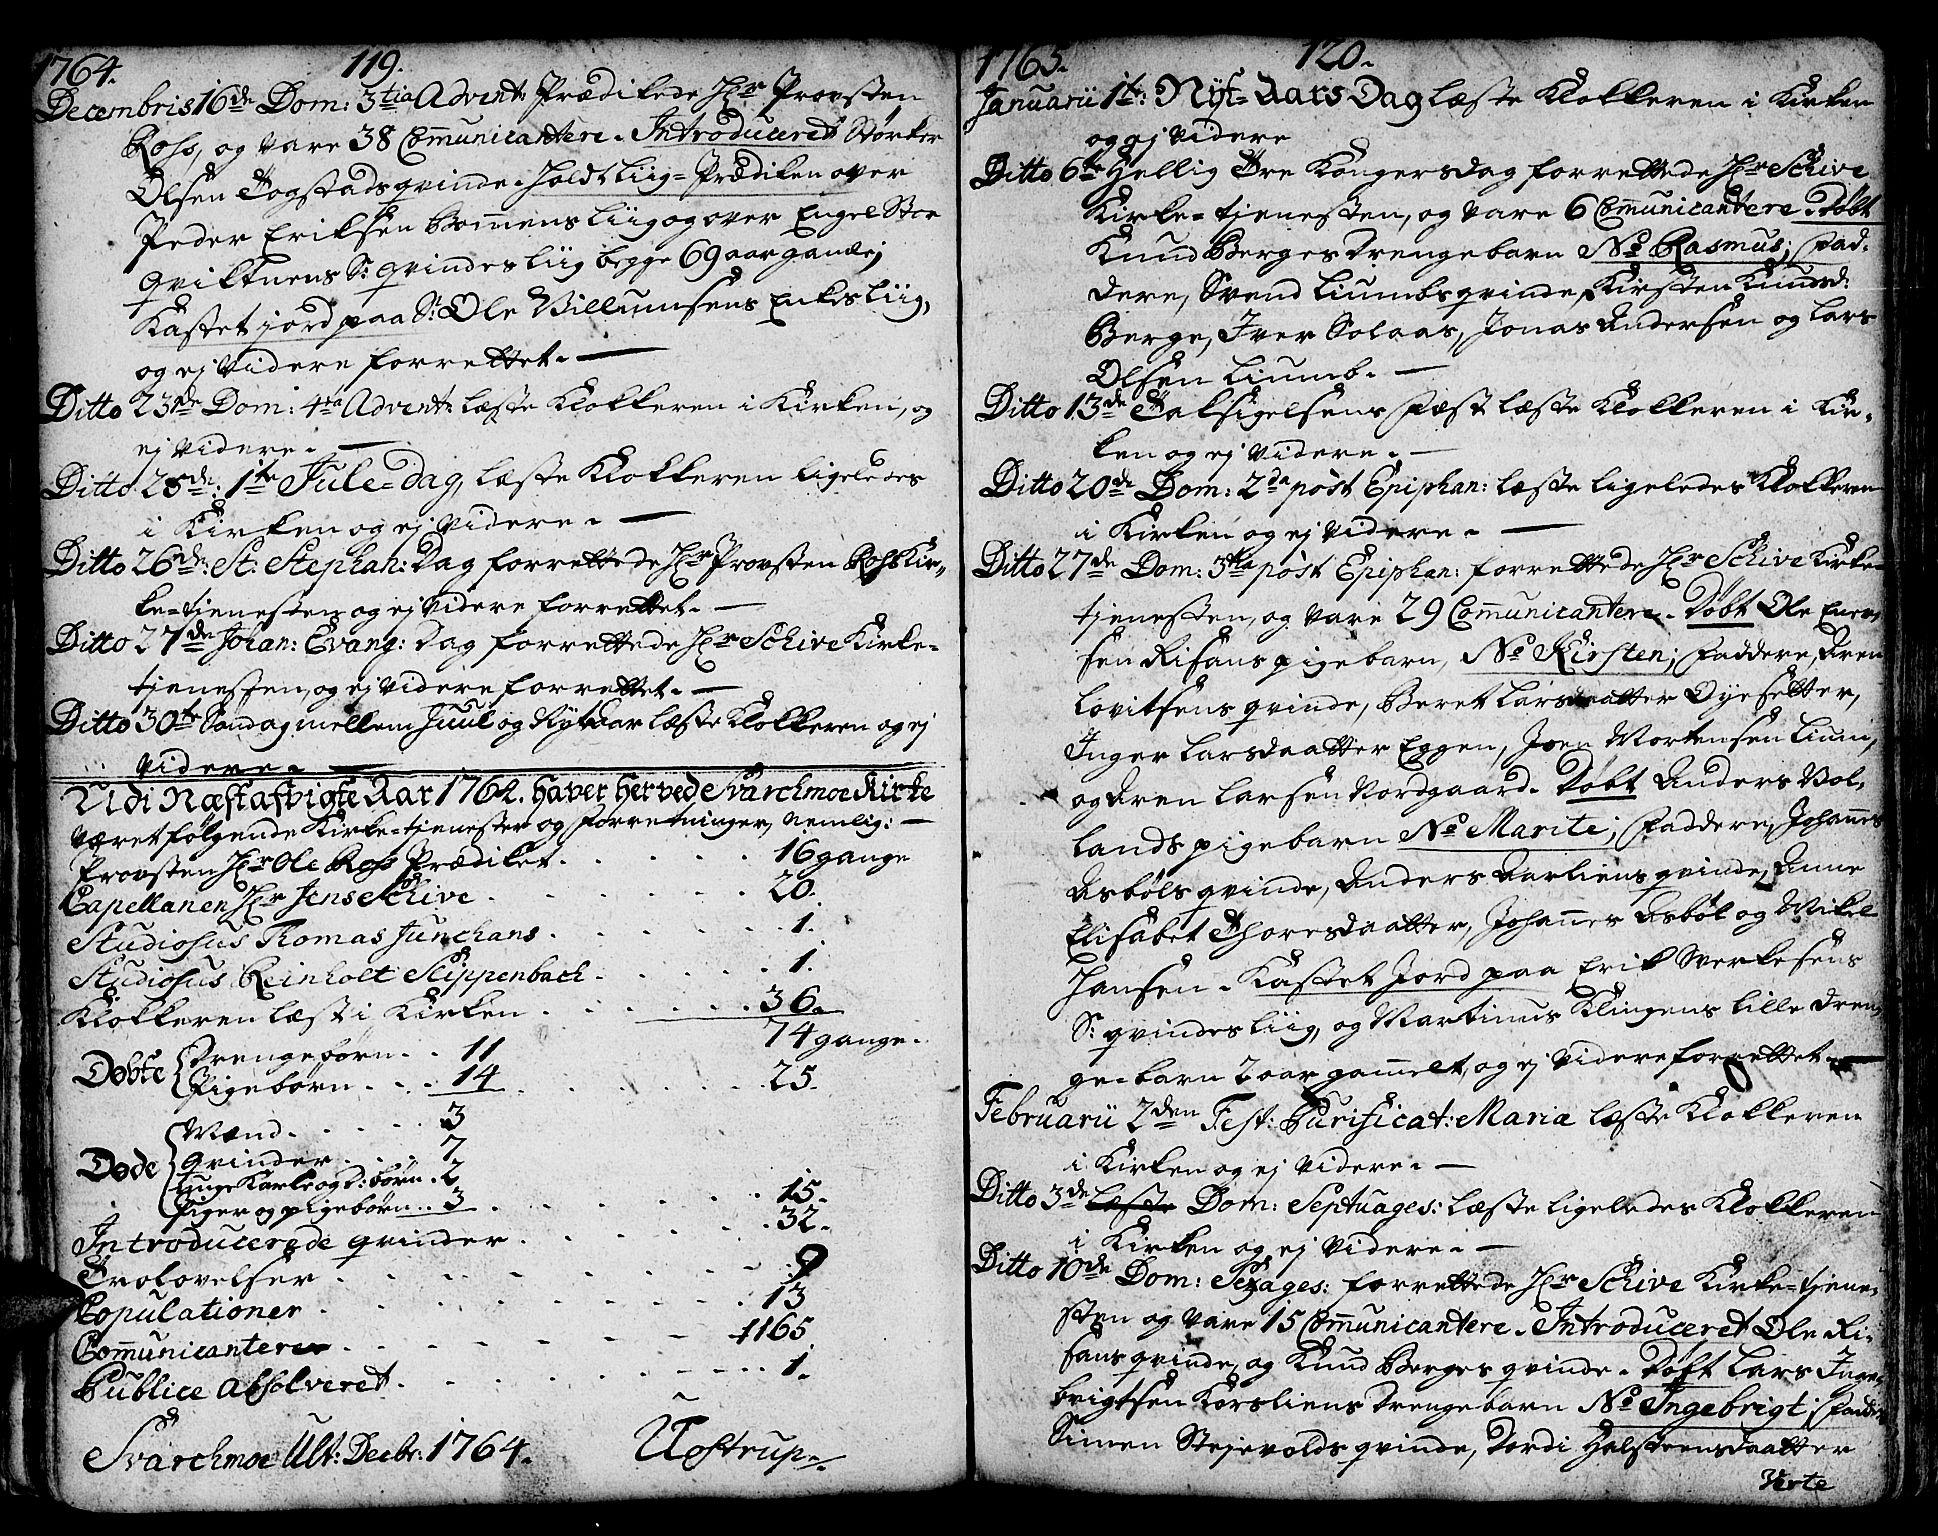 SAT, Ministerialprotokoller, klokkerbøker og fødselsregistre - Sør-Trøndelag, 671/L0840: Ministerialbok nr. 671A02, 1756-1794, s. 119-120